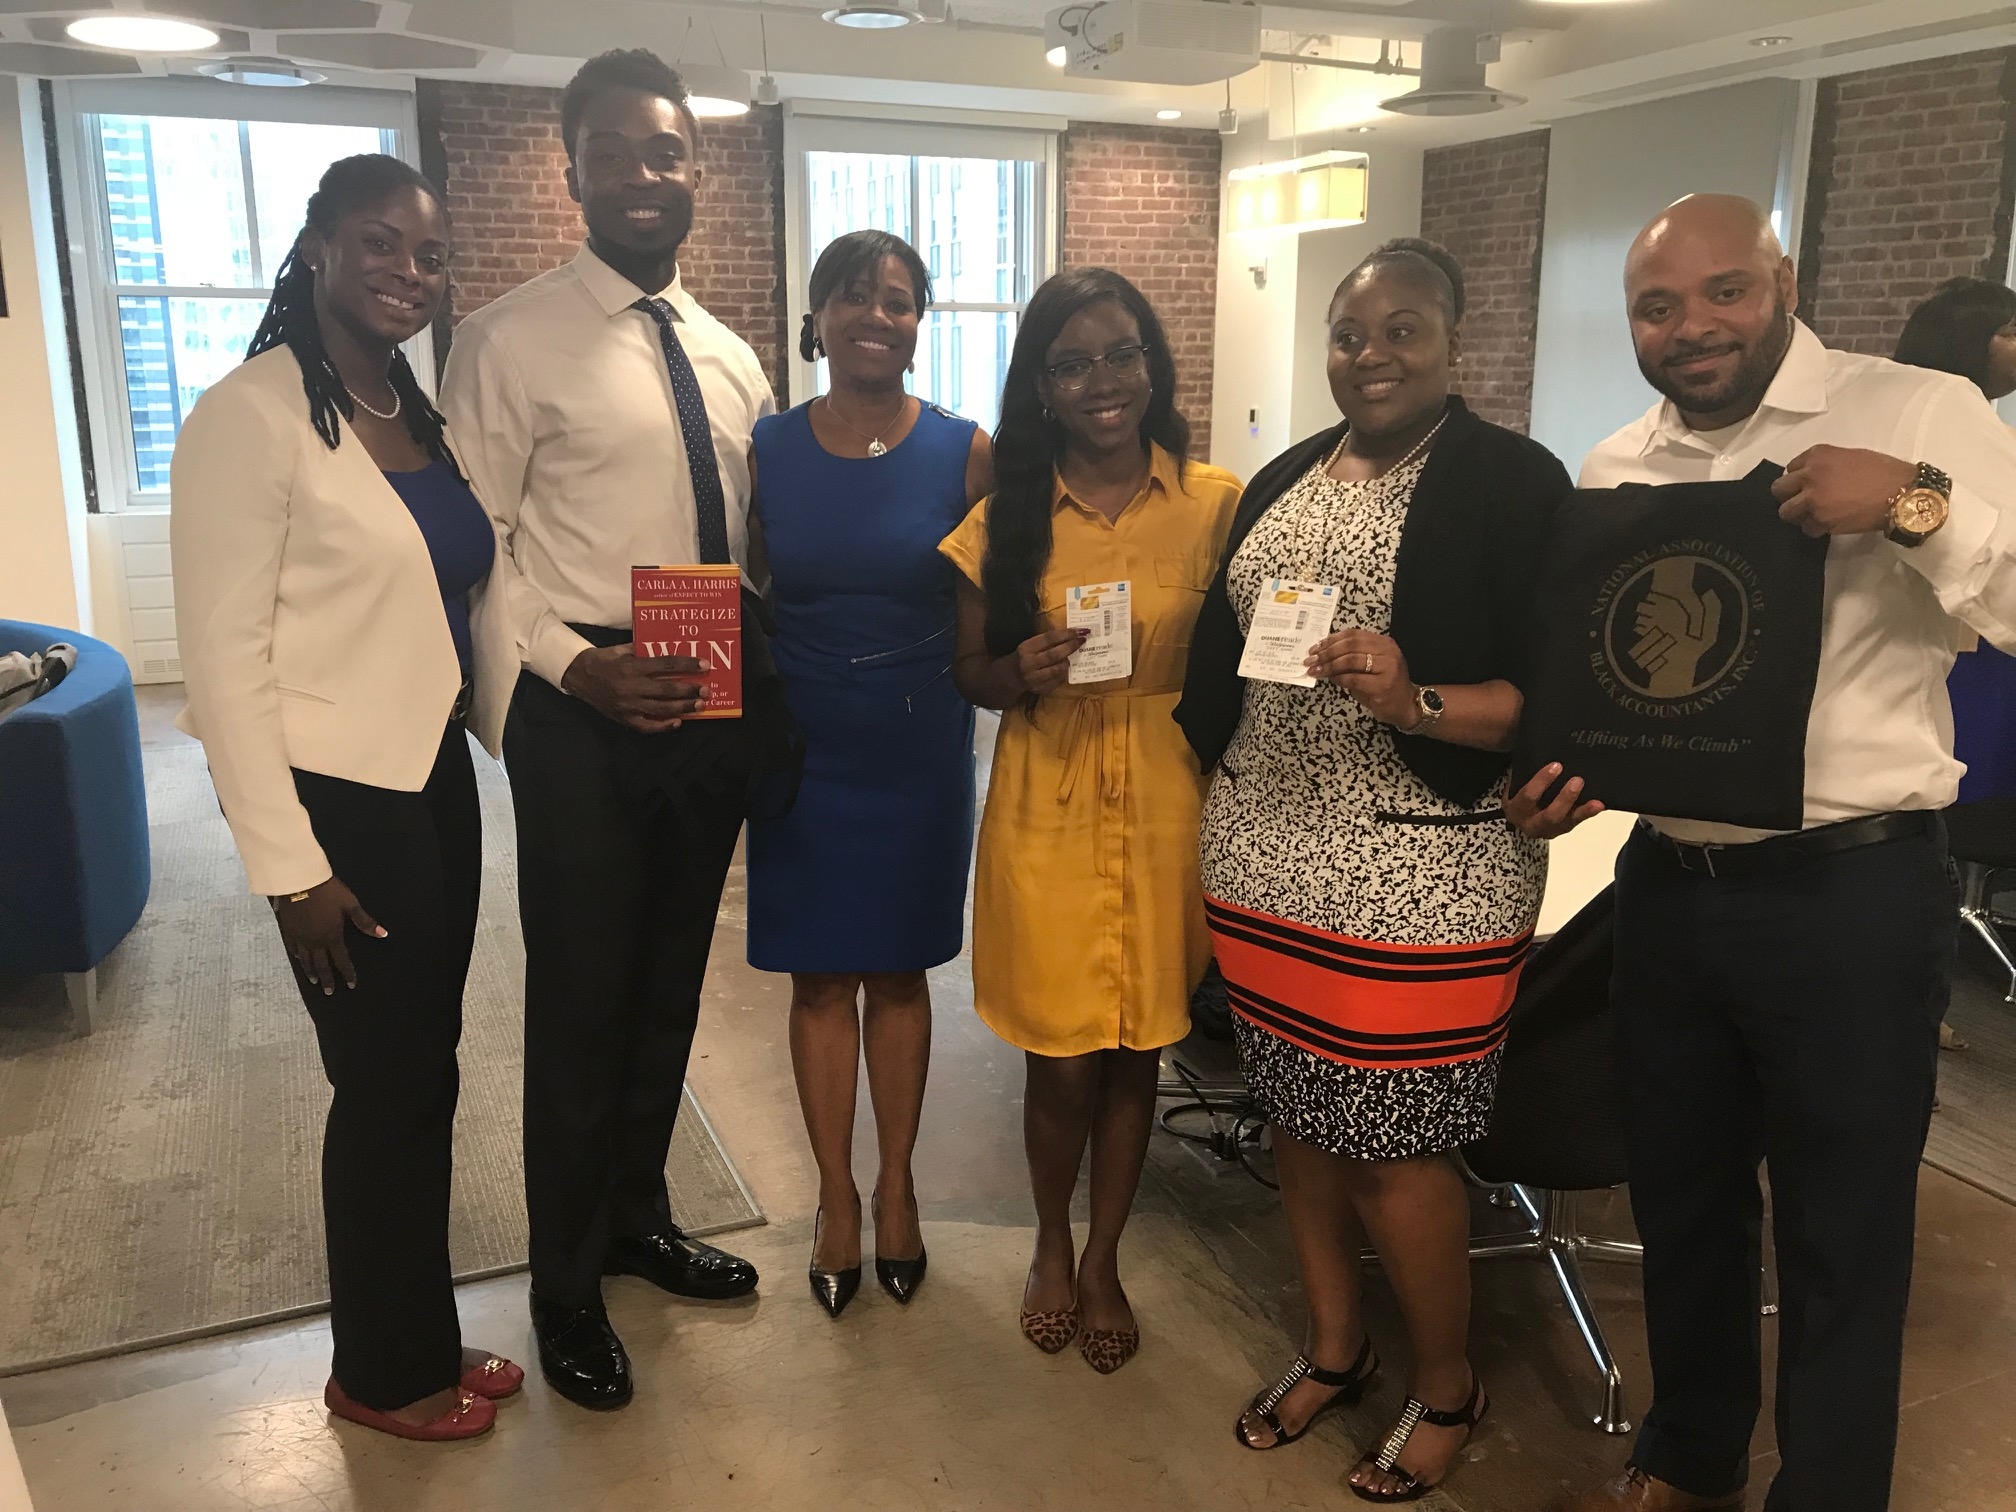 2018 Membership Appreciation, hosted by Deloitte